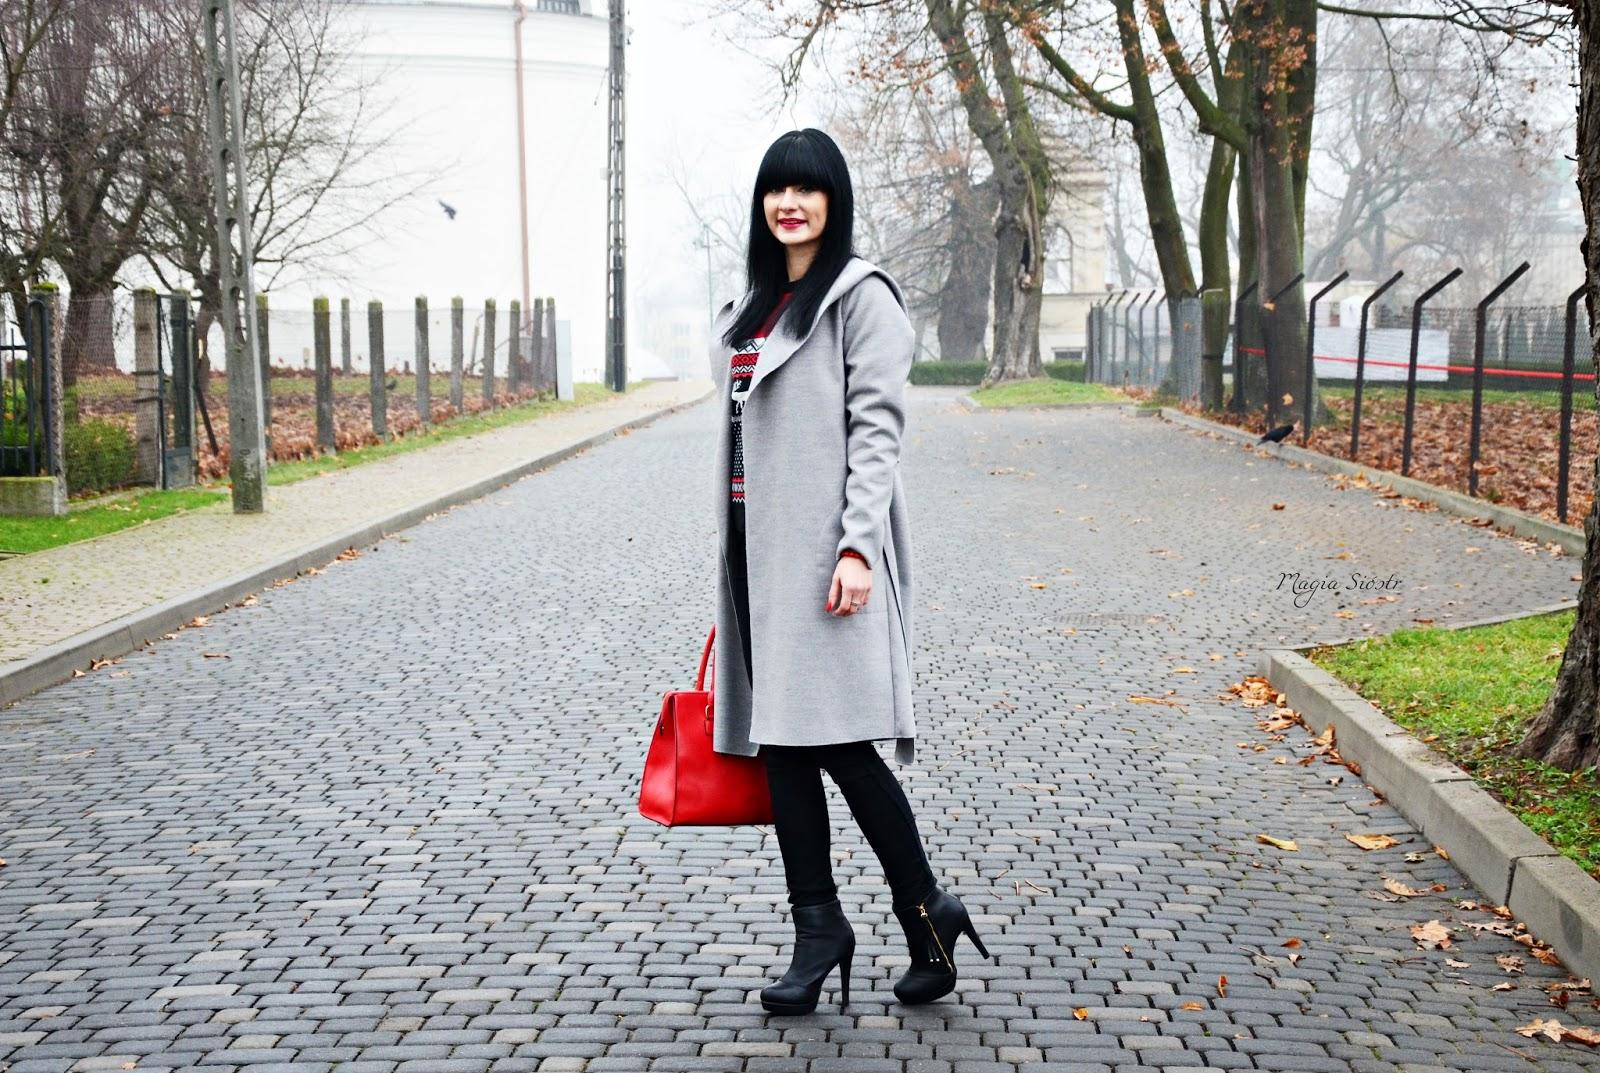 szary płaszcz, płaszcz na jesień, stylizacja jesienna, blog o modzie